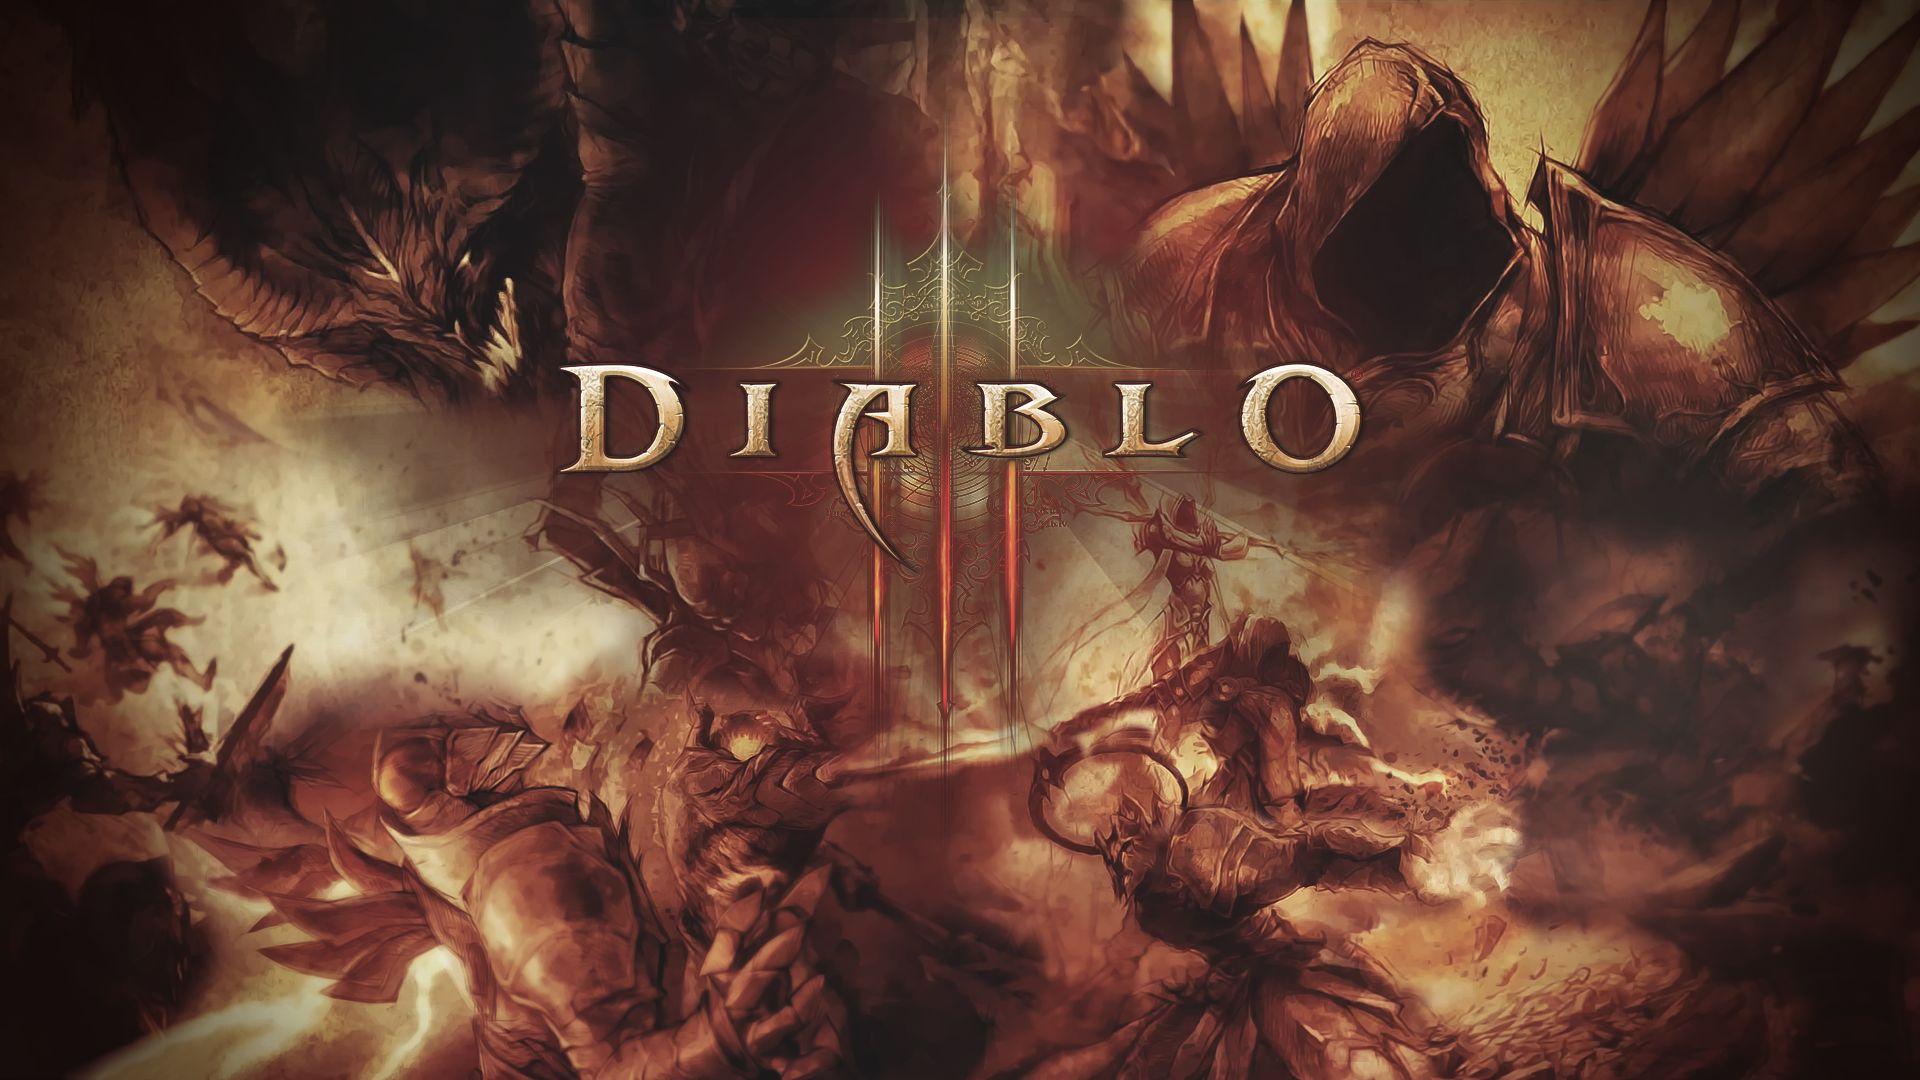 Diablo Iii Hd Wallpapers Pictures Images